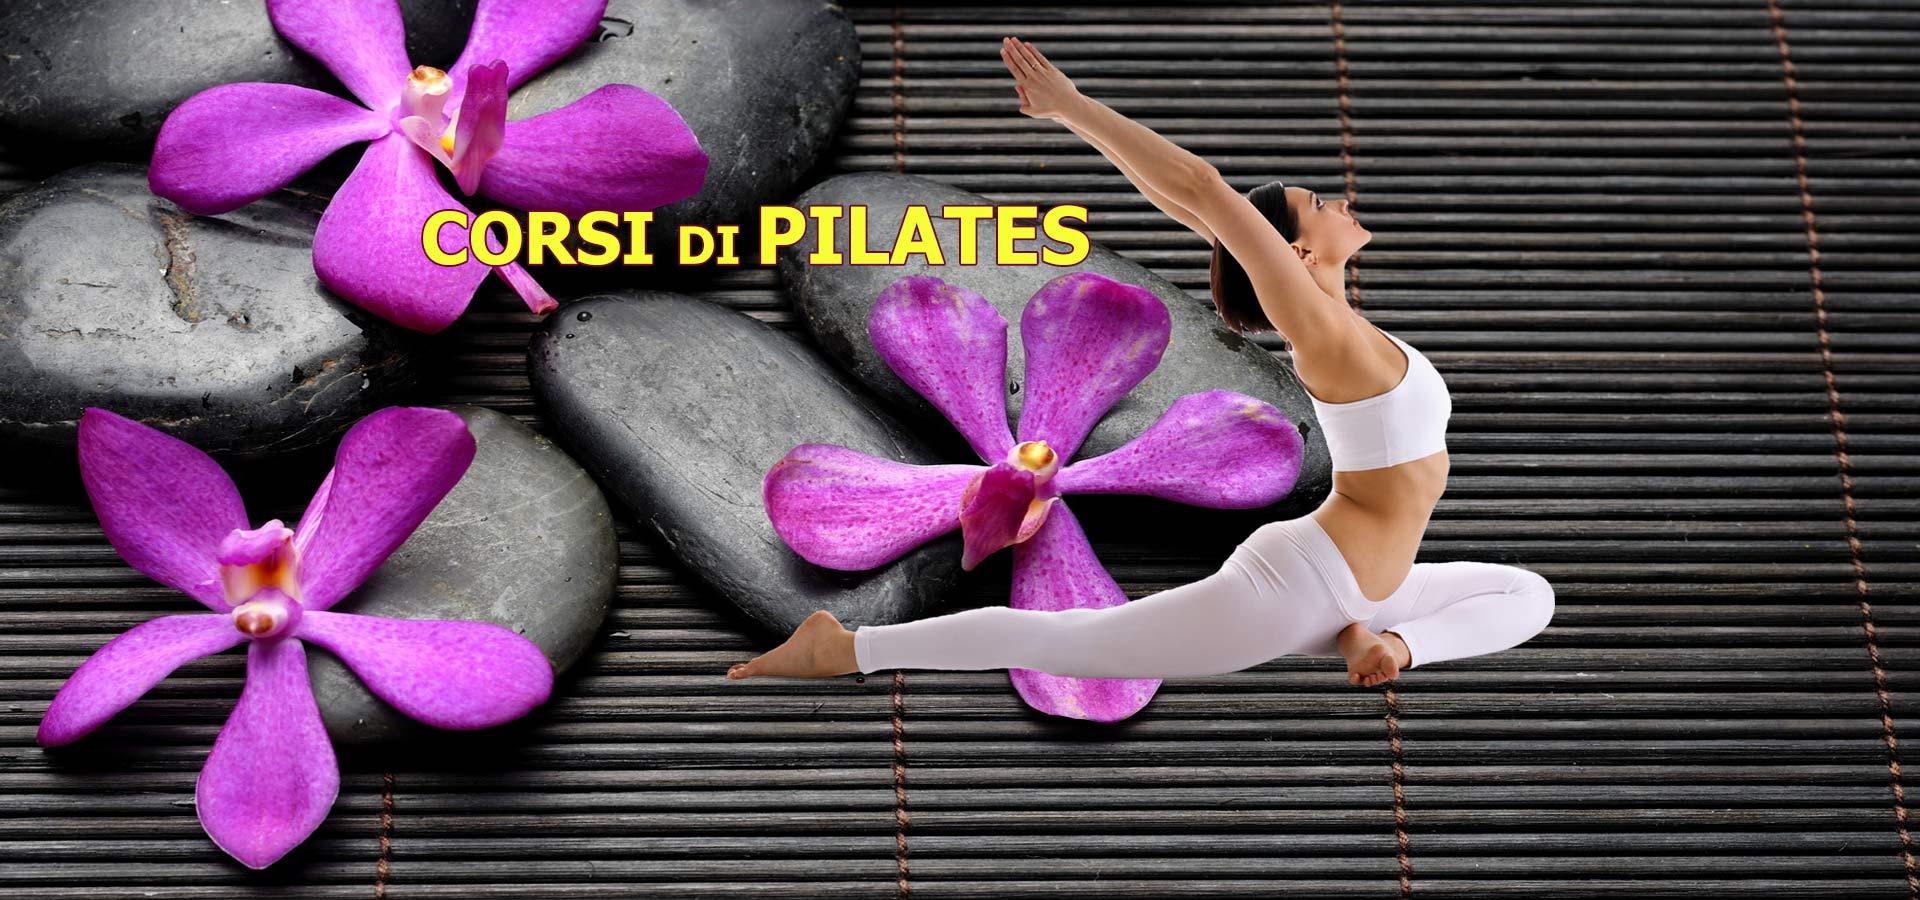 corsi-di-pilates-centro-medico-estetico-lariano-06